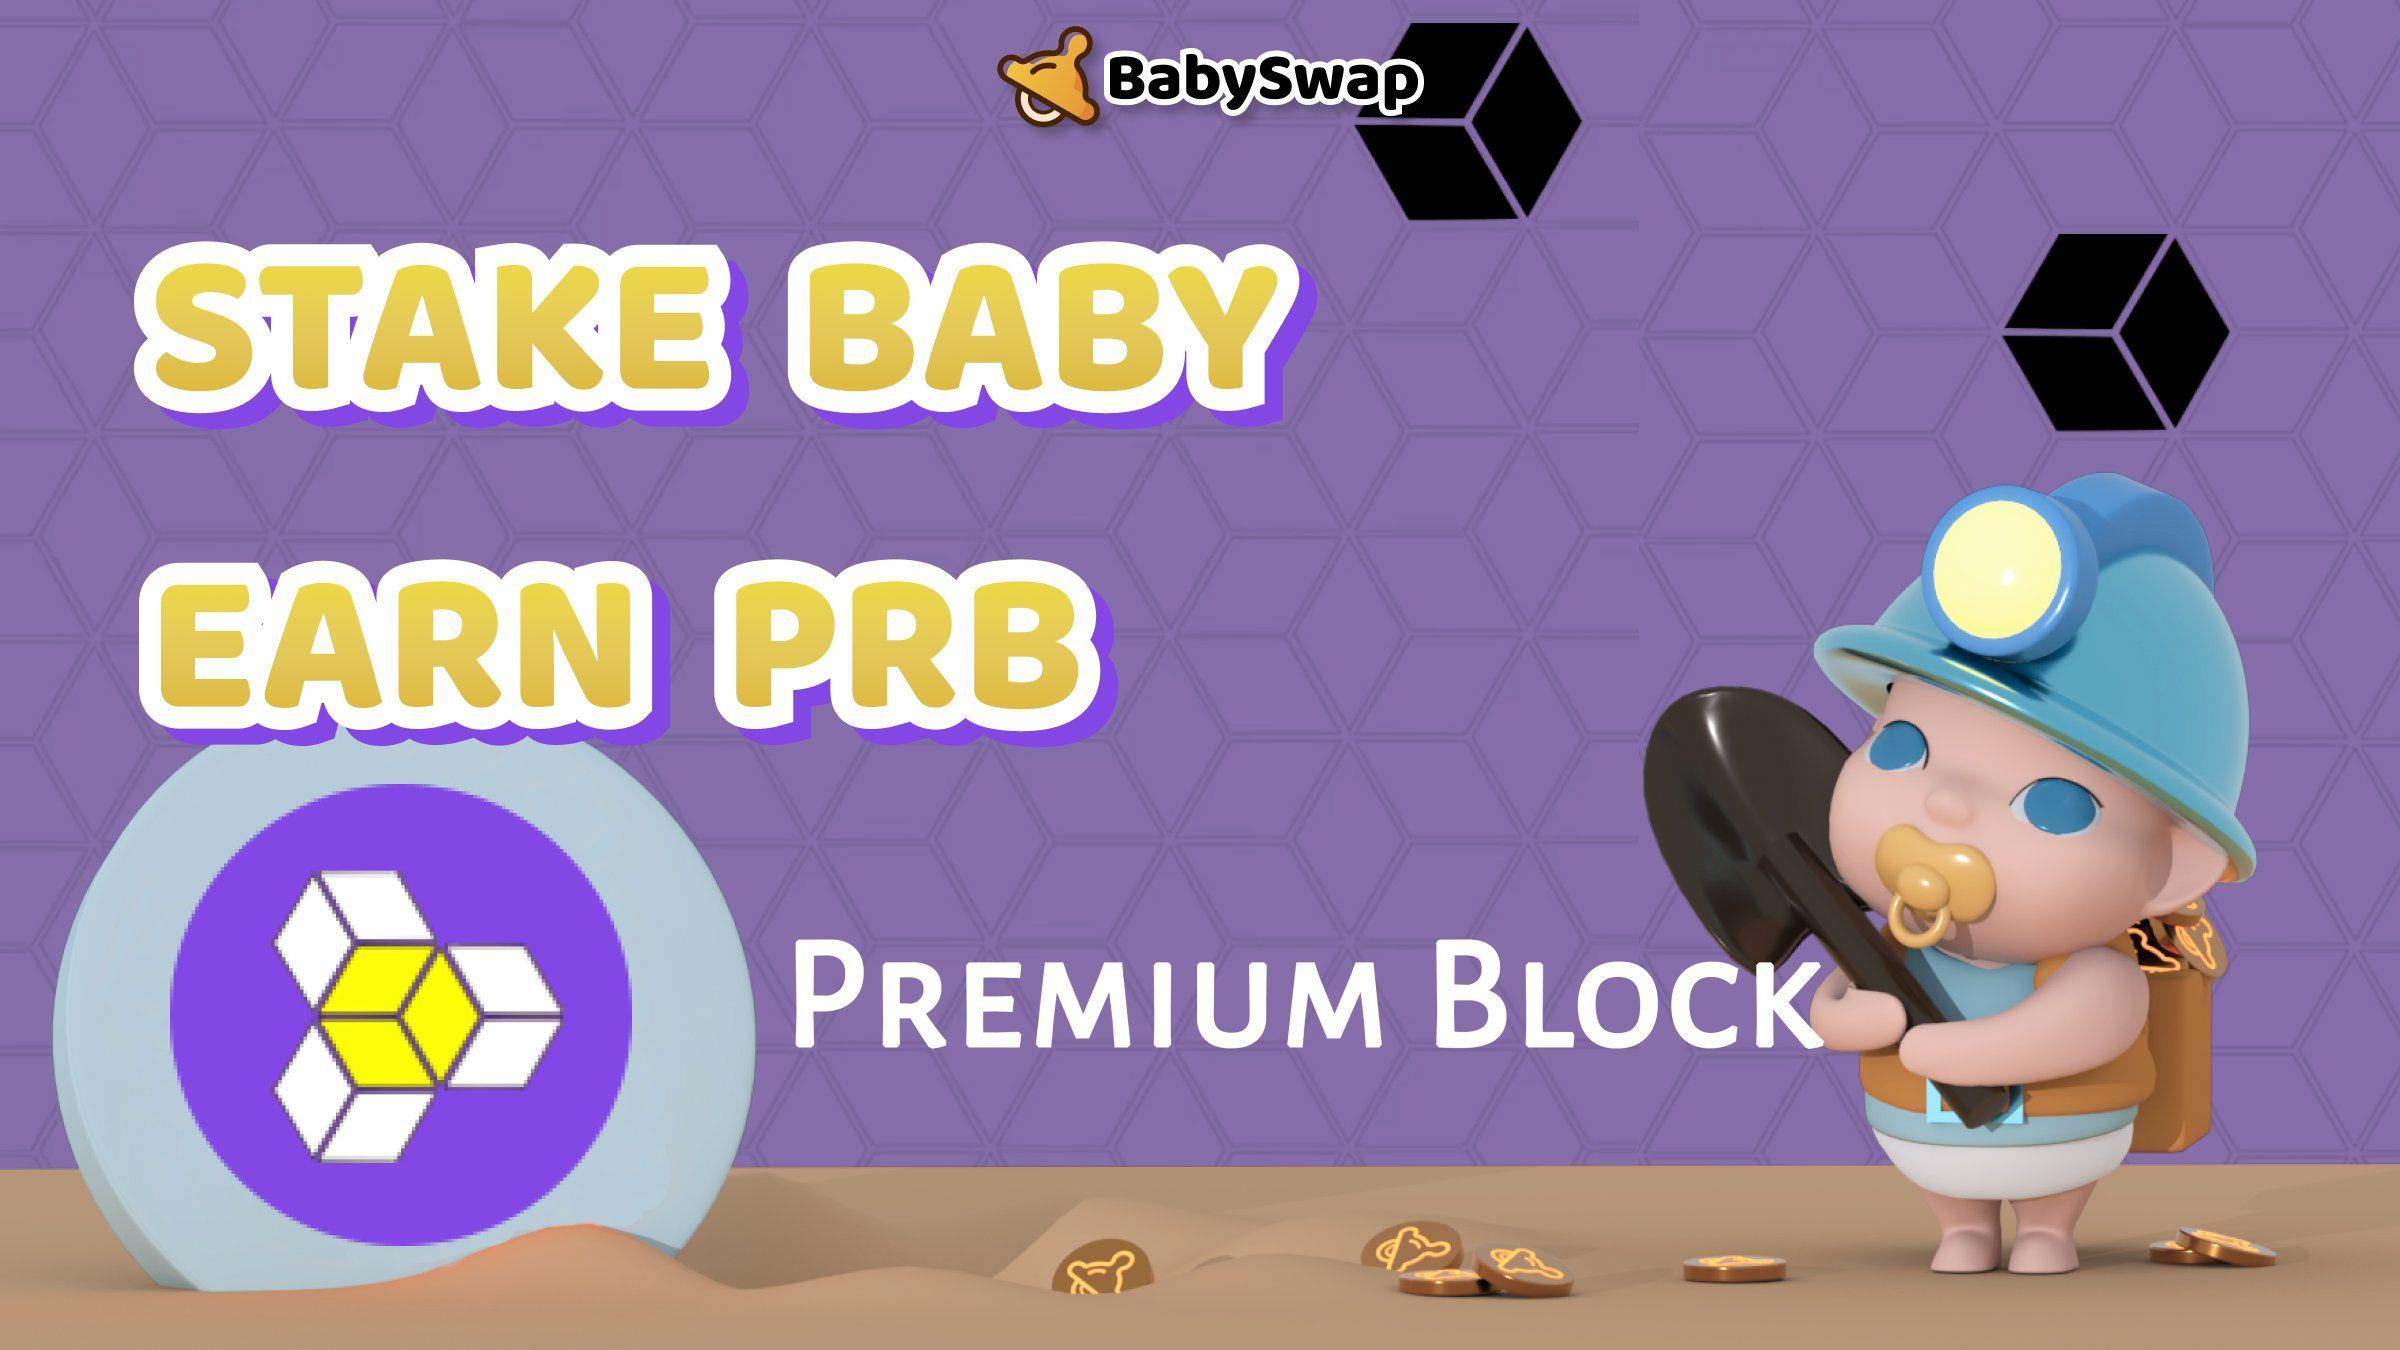 premiumblock.jpg